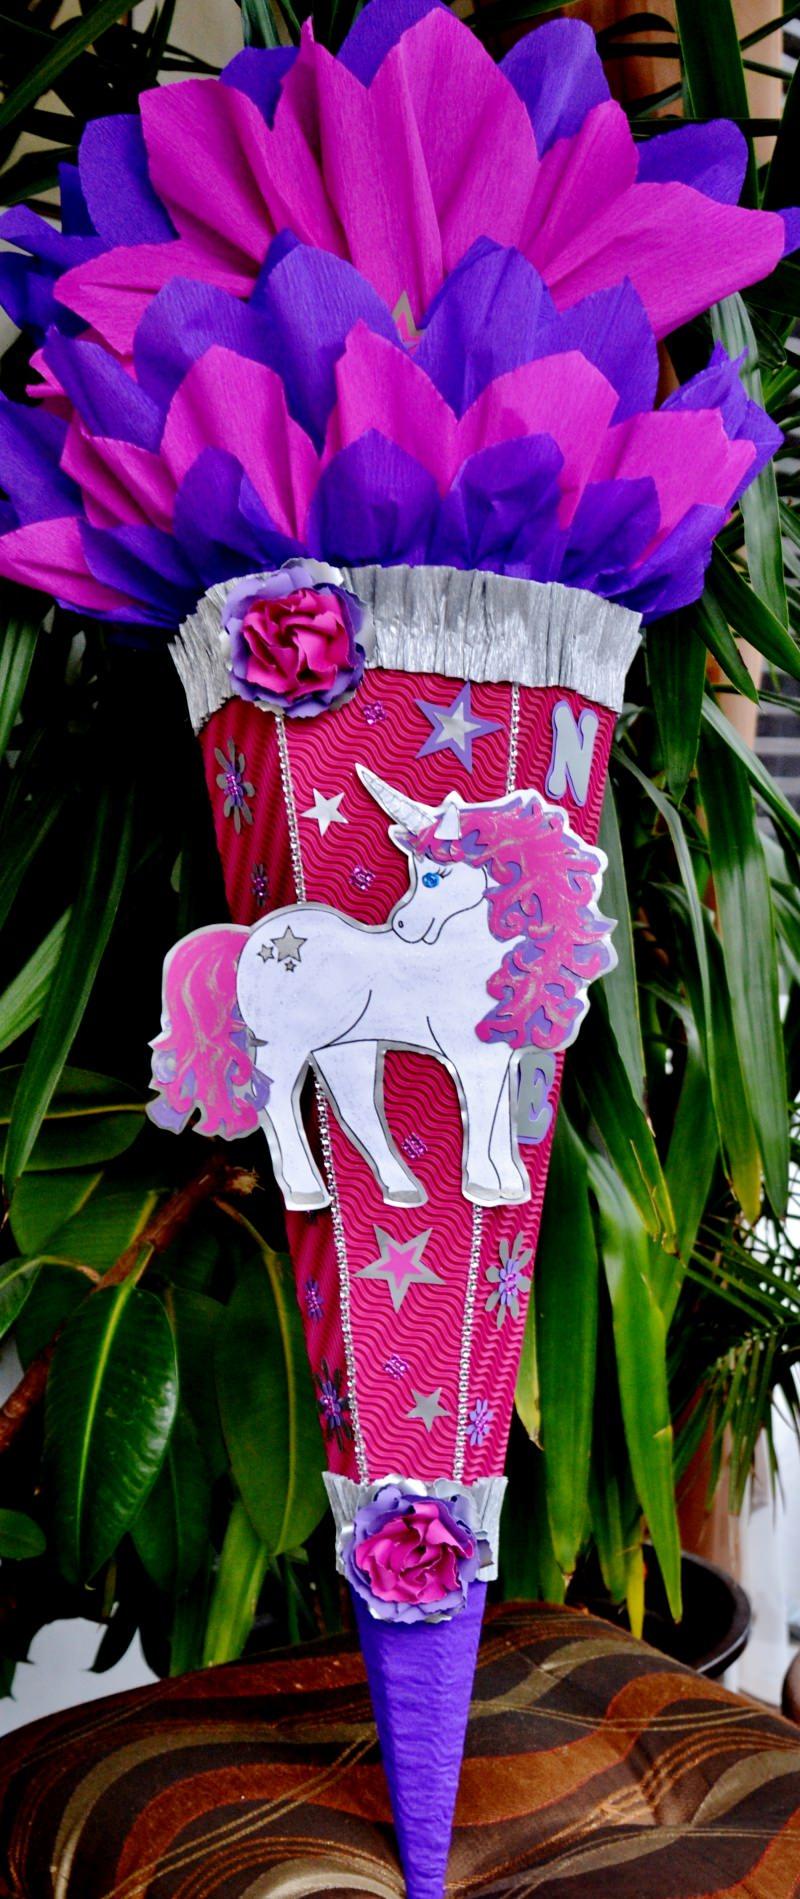 - Handgemachte Schultüte Pegasus Zuckertüte  Einhorn Pferd  ABI Abitur Geschenk - Handgemachte Schultüte Pegasus Zuckertüte  Einhorn Pferd  ABI Abitur Geschenk